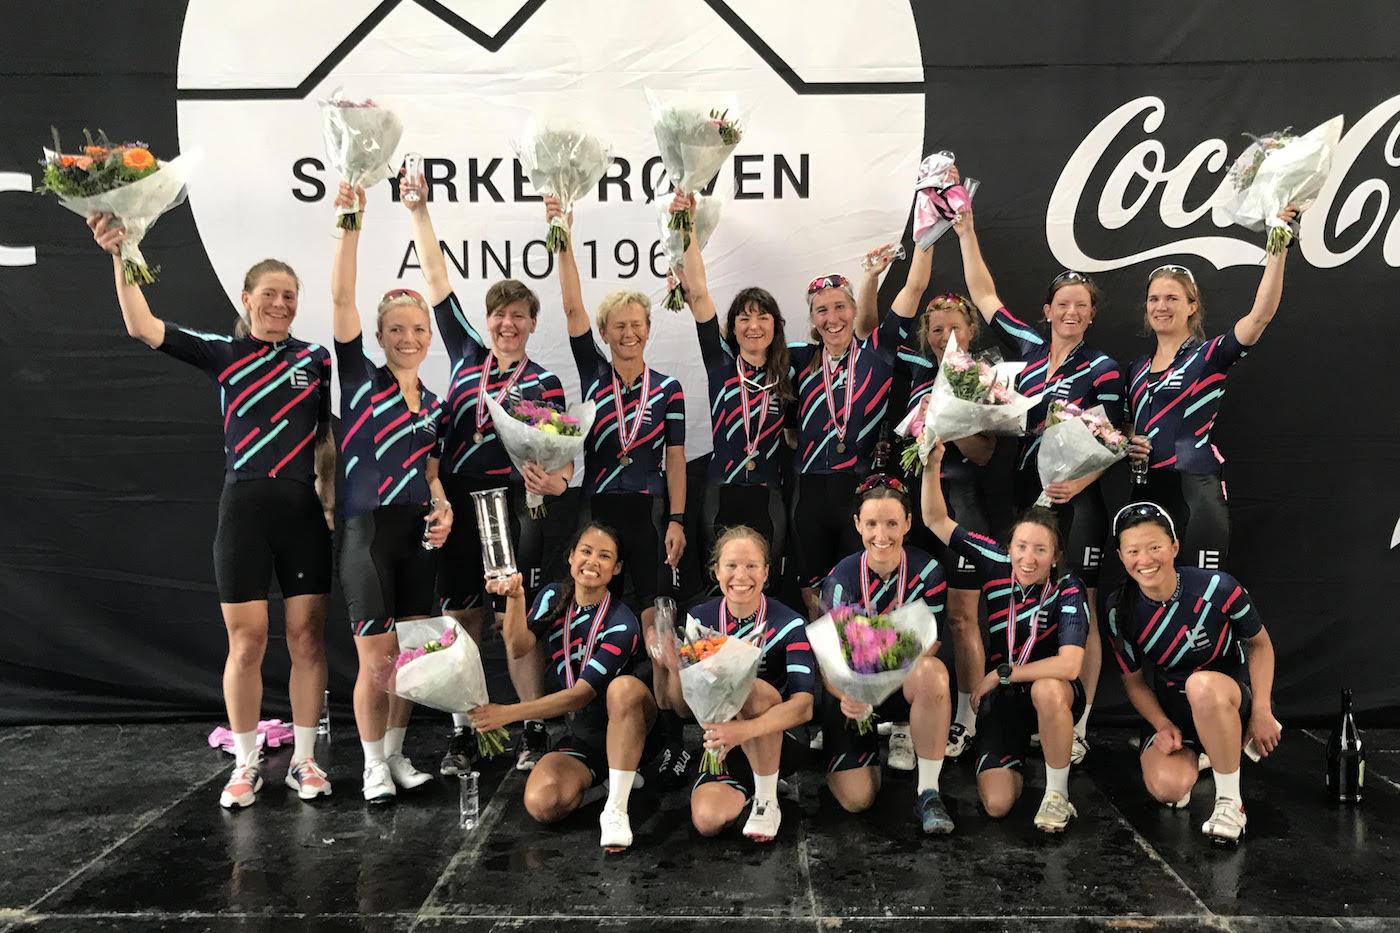 REKORDLAG: Ladies Edition Race Team slo gjeldende damerekord med 22 minutter. Foto: Helge Langen